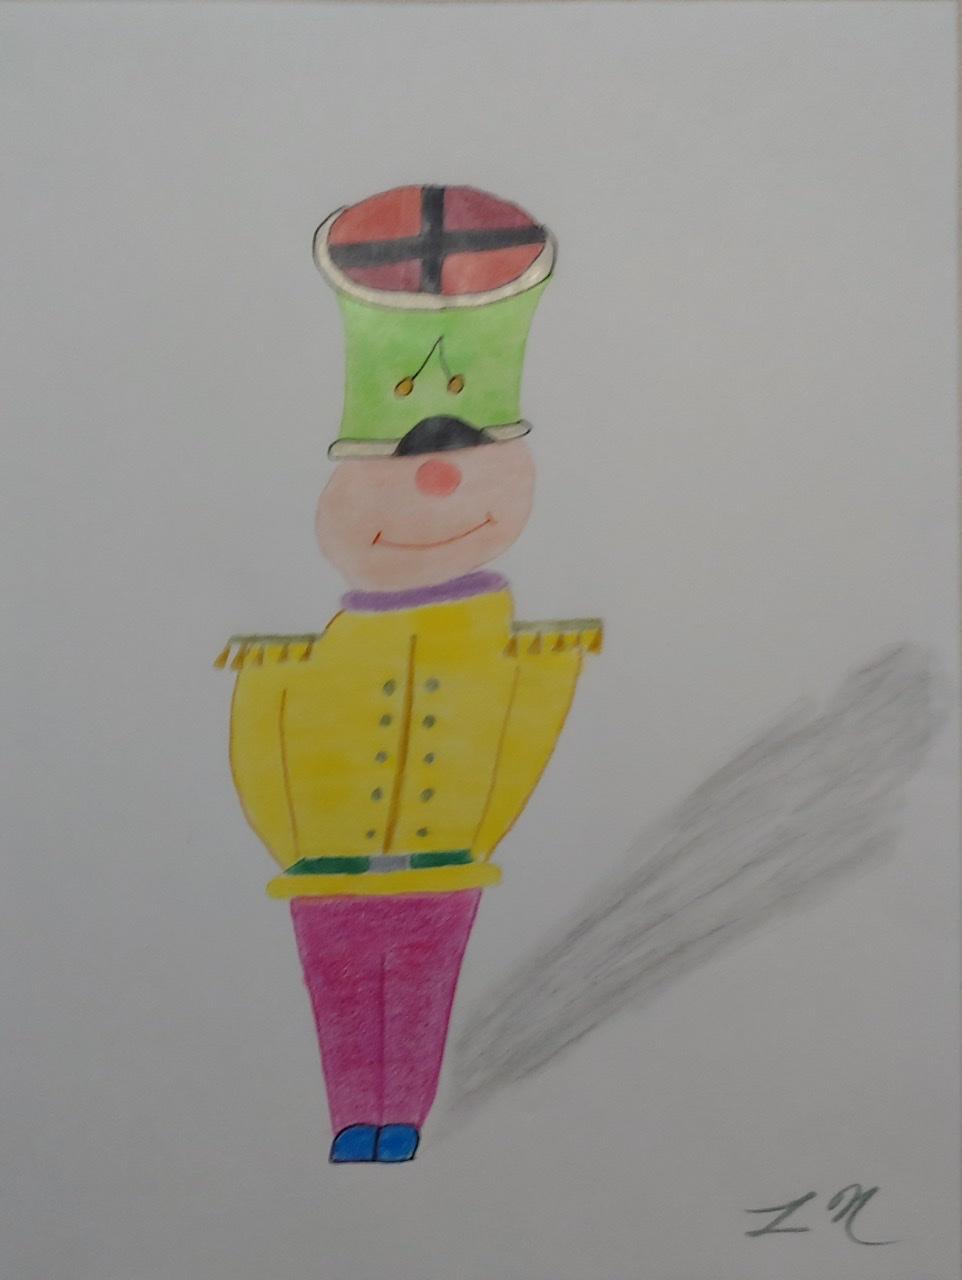 """<span style=""""color: #ff0000;""""><a style=""""color: #ff0000;"""" href=""""mailto:lucnadon7@gmail.com?subject=Défi 15 dessins 15 semaines -   Capitaine mauvais goût""""> Contacter l'artiste</a></span> Luc Nadon -   Capitaine mauvais goût - 20$  (transaction directement avec l'artiste), crayon sur papier Strathmore sketch, 12 x 9 po encadré"""